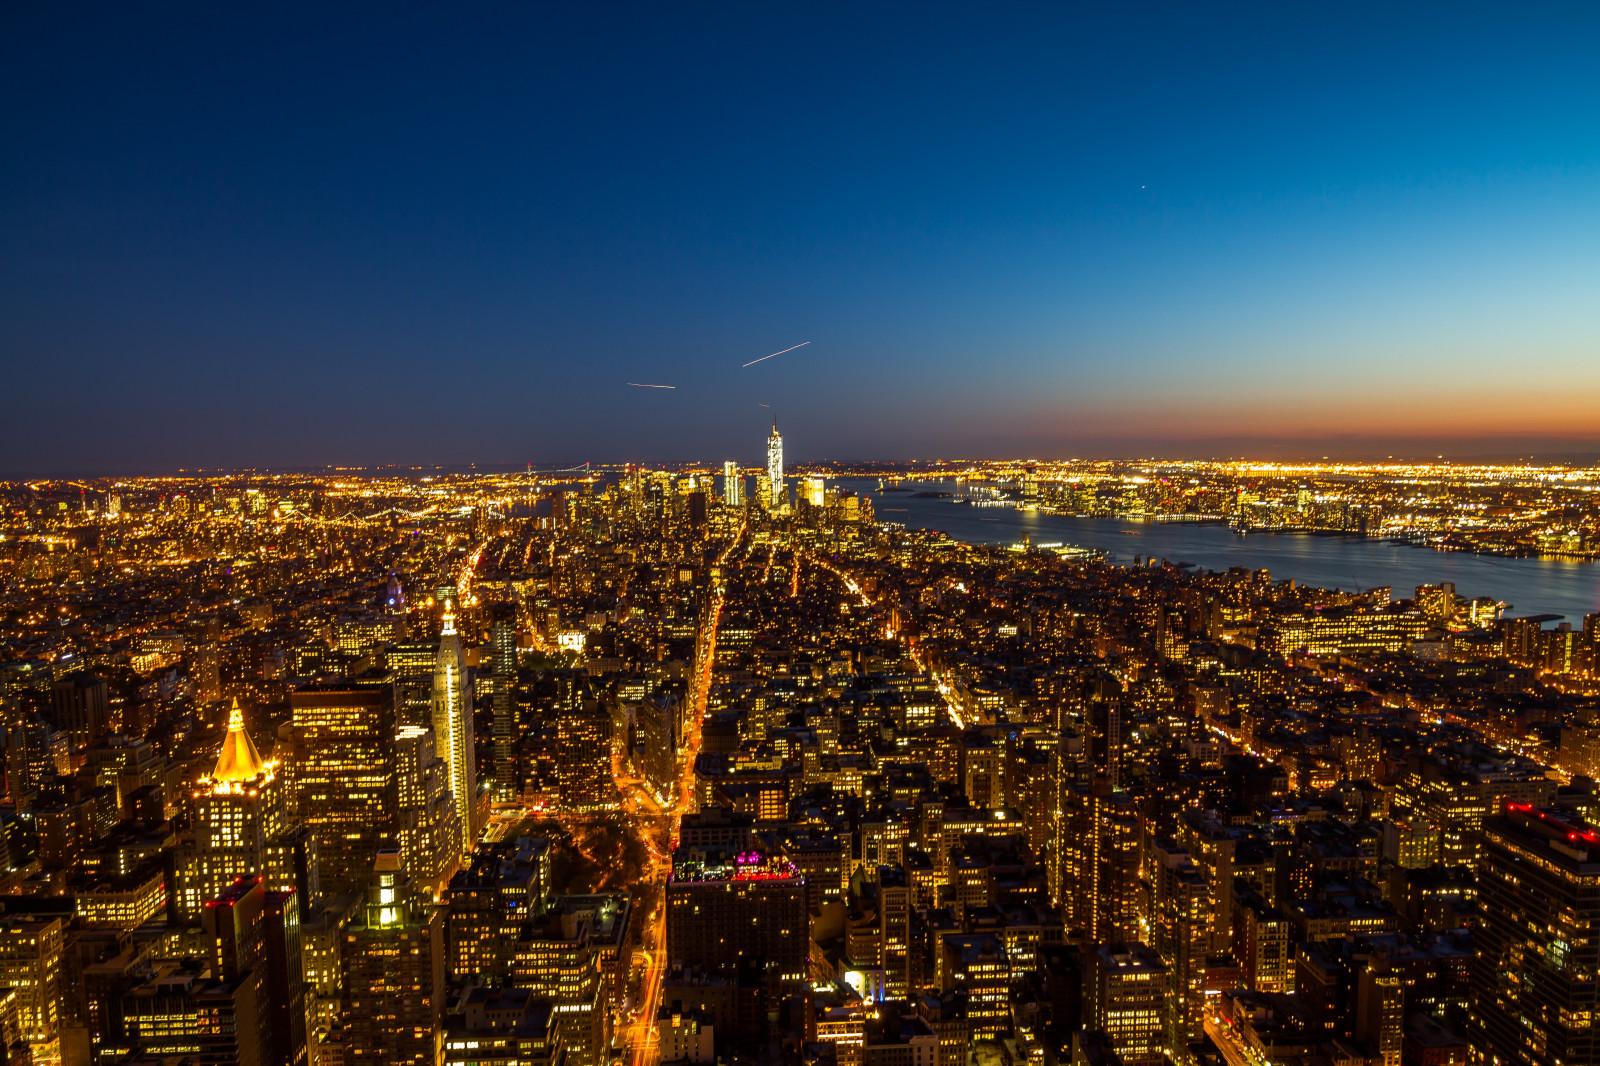 Sfondi new york stati uniti d 39 america citt di notte for New york dall alto